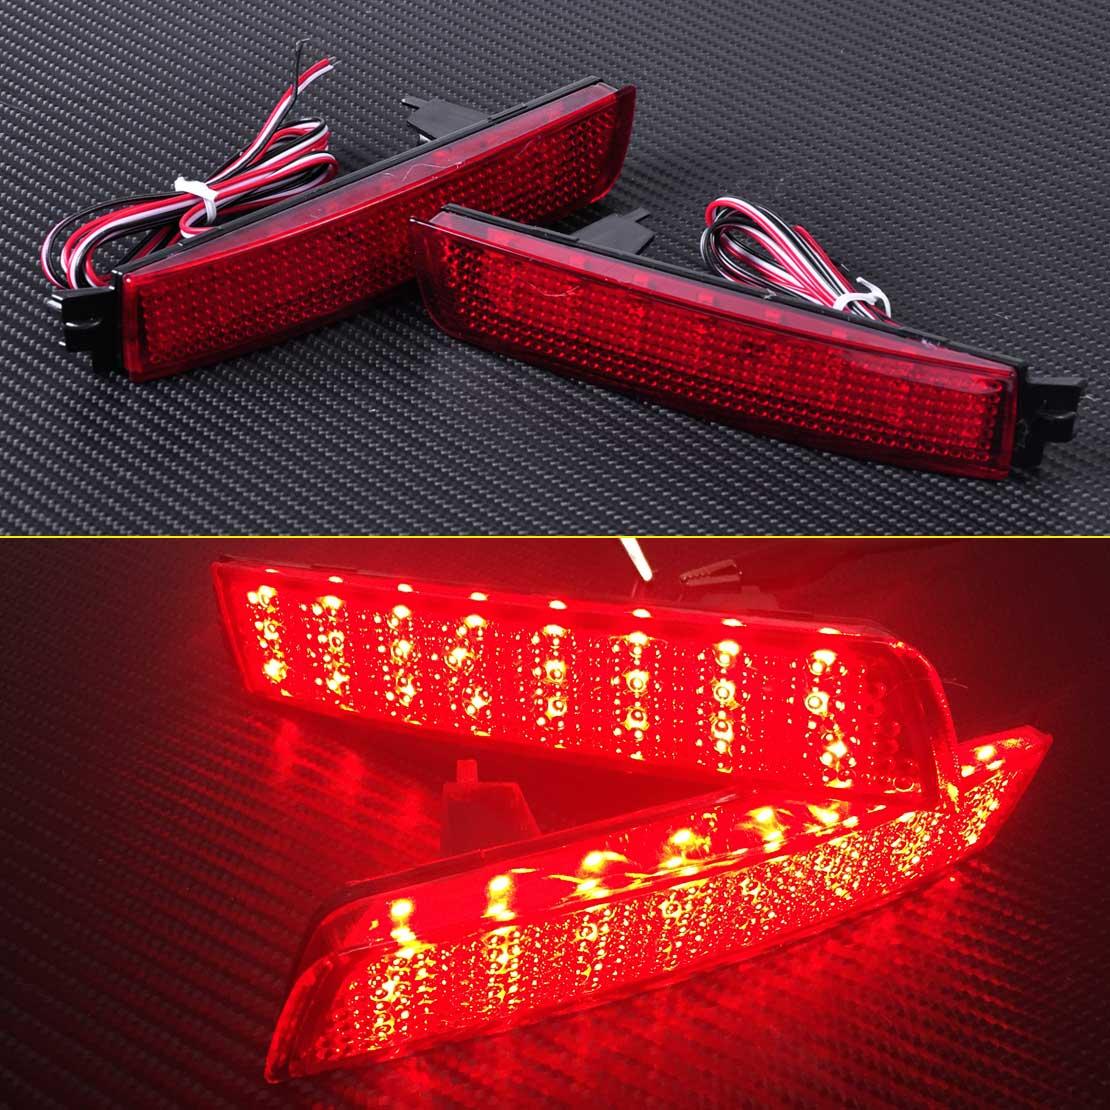 New Red Lens LED Bumper Reflector Rear Tail Brake Light